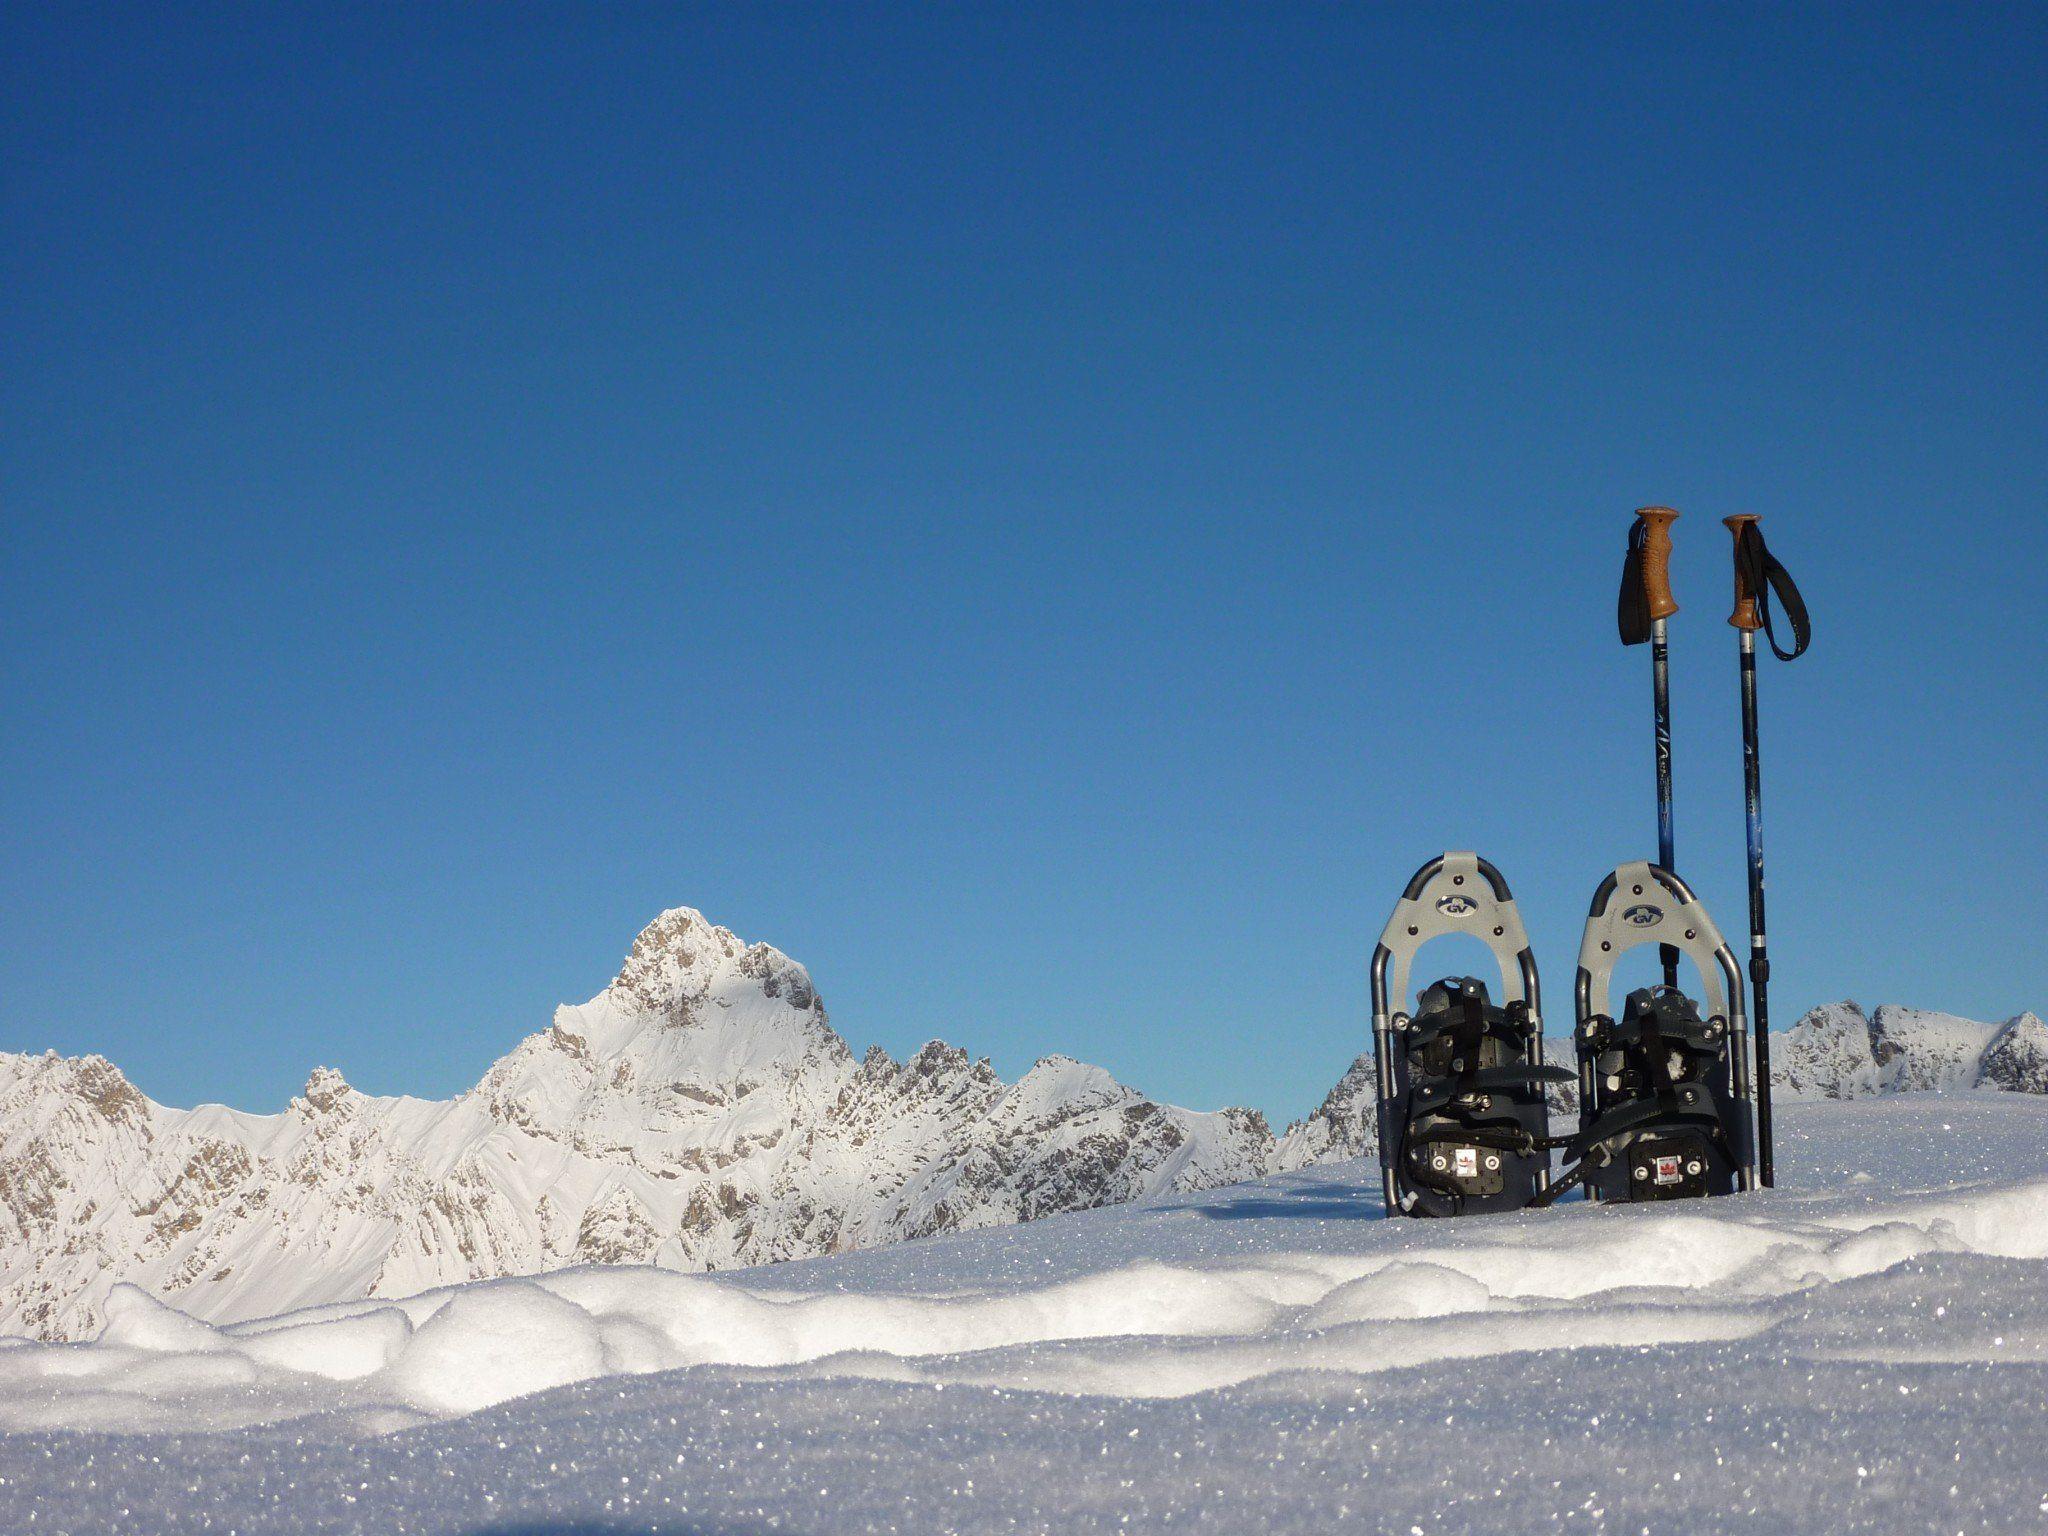 BergAktiv Montafon bietet geführte Schneeschuh – Winter- und Sommerwanderungen.